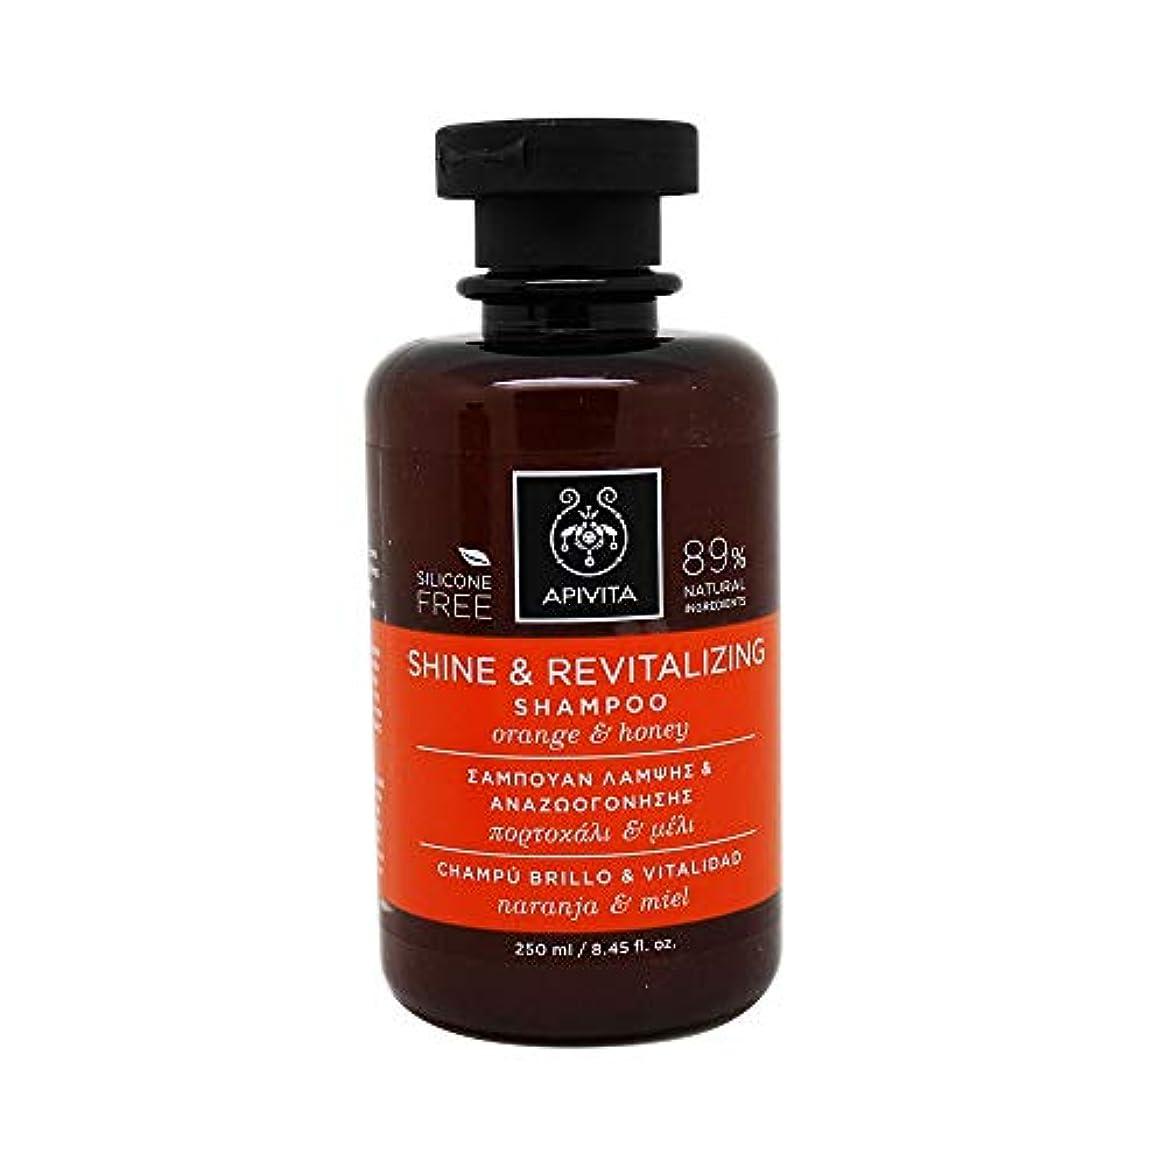 行う分散米ドルアピヴィータ Shine & Revitalizing Shampoo with Orange & Honey (For All Hair Types) 250ml [並行輸入品]